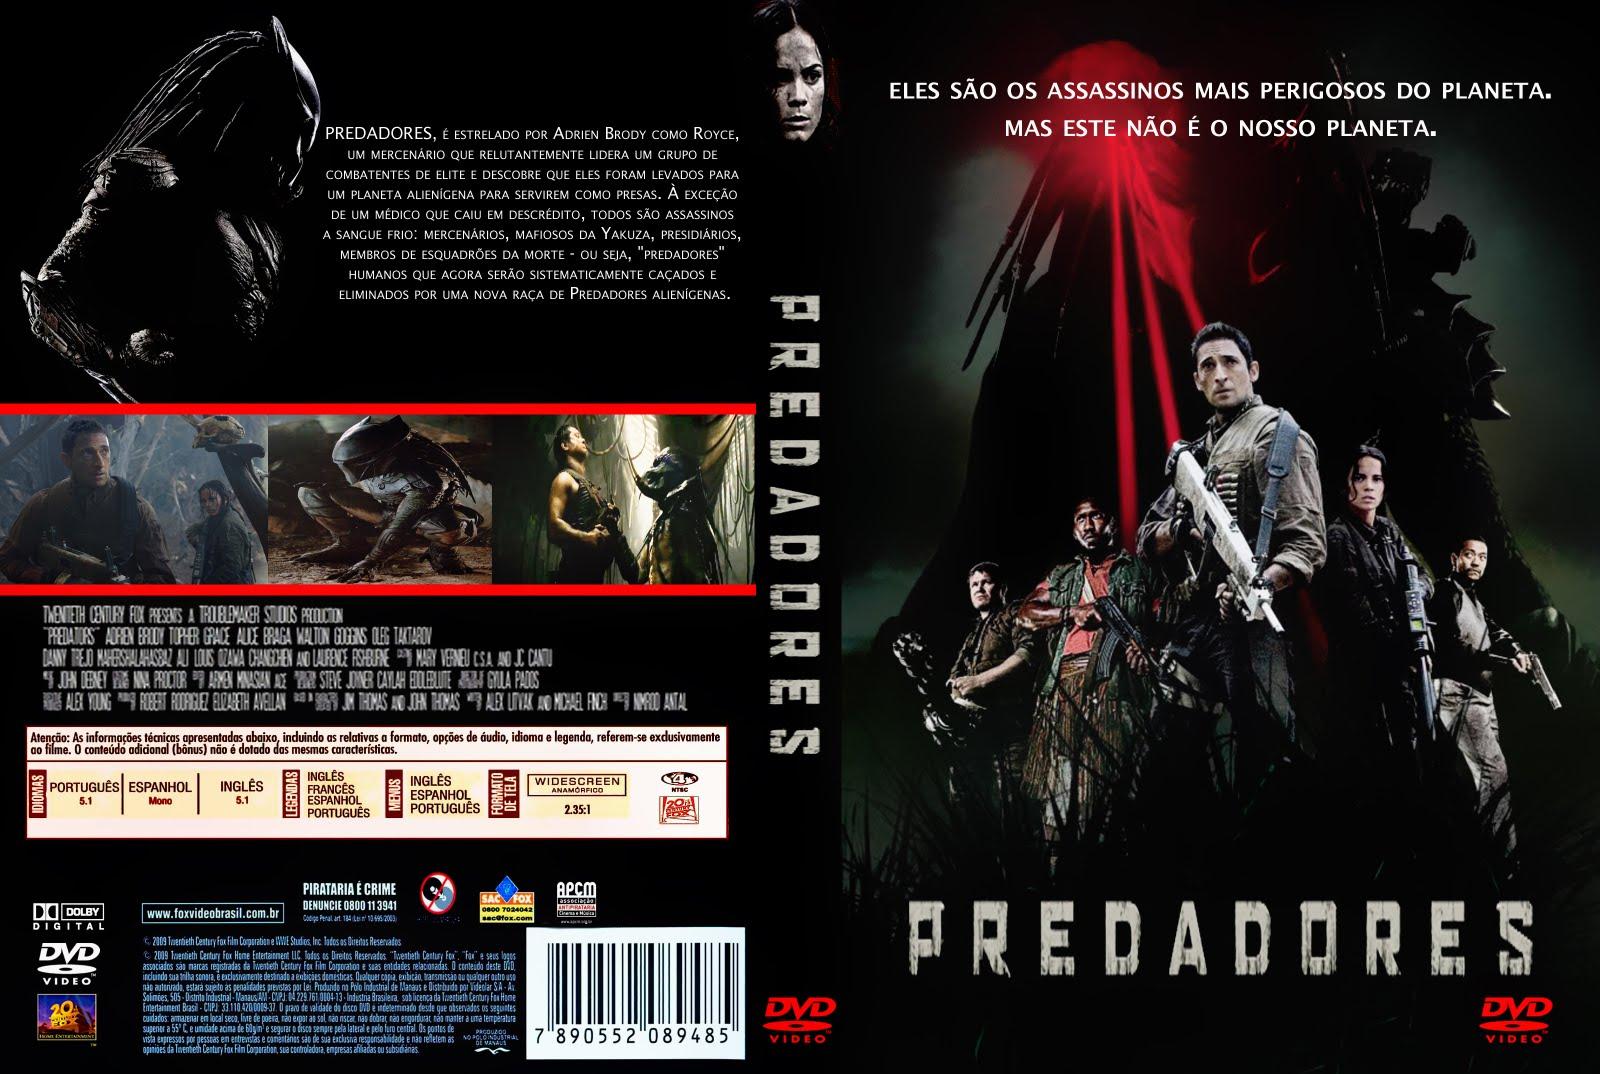 http://2.bp.blogspot.com/_pnOdTUC4iSY/TESf0w0QsKI/AAAAAAAAARU/KWziVAH5ZxE/s1600/Predadores.jpg